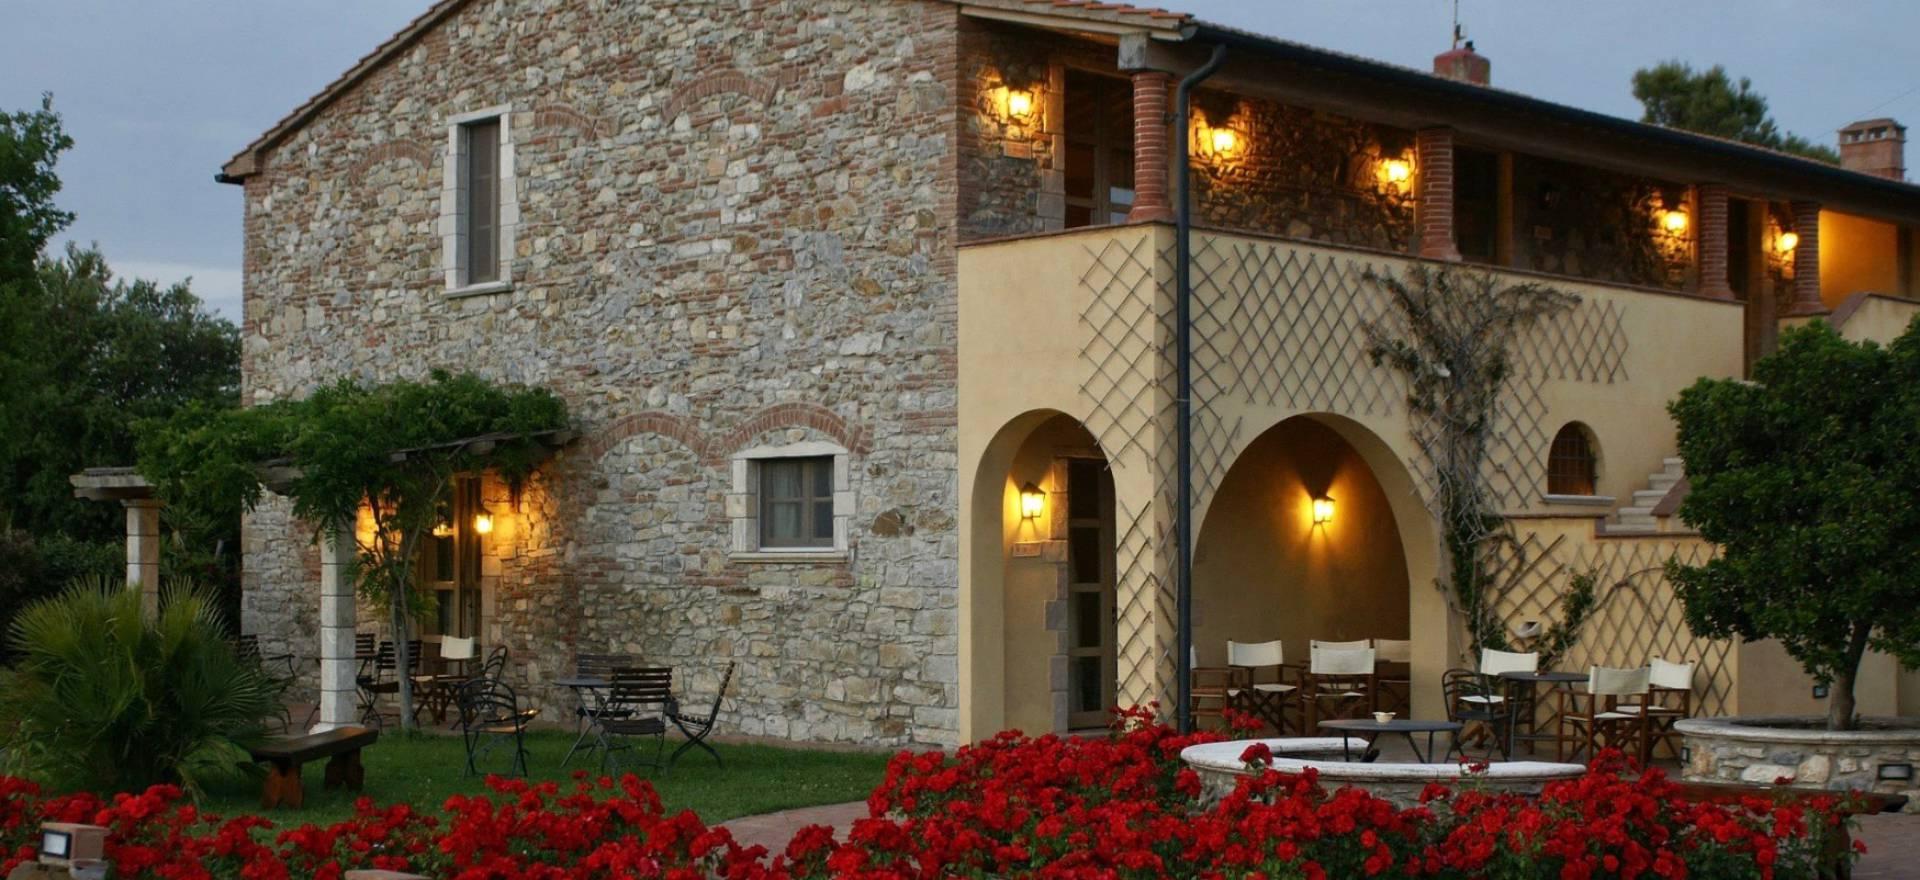 Agriturismo Toscane Agriturismo bij de Toscaanse kust met restaurant